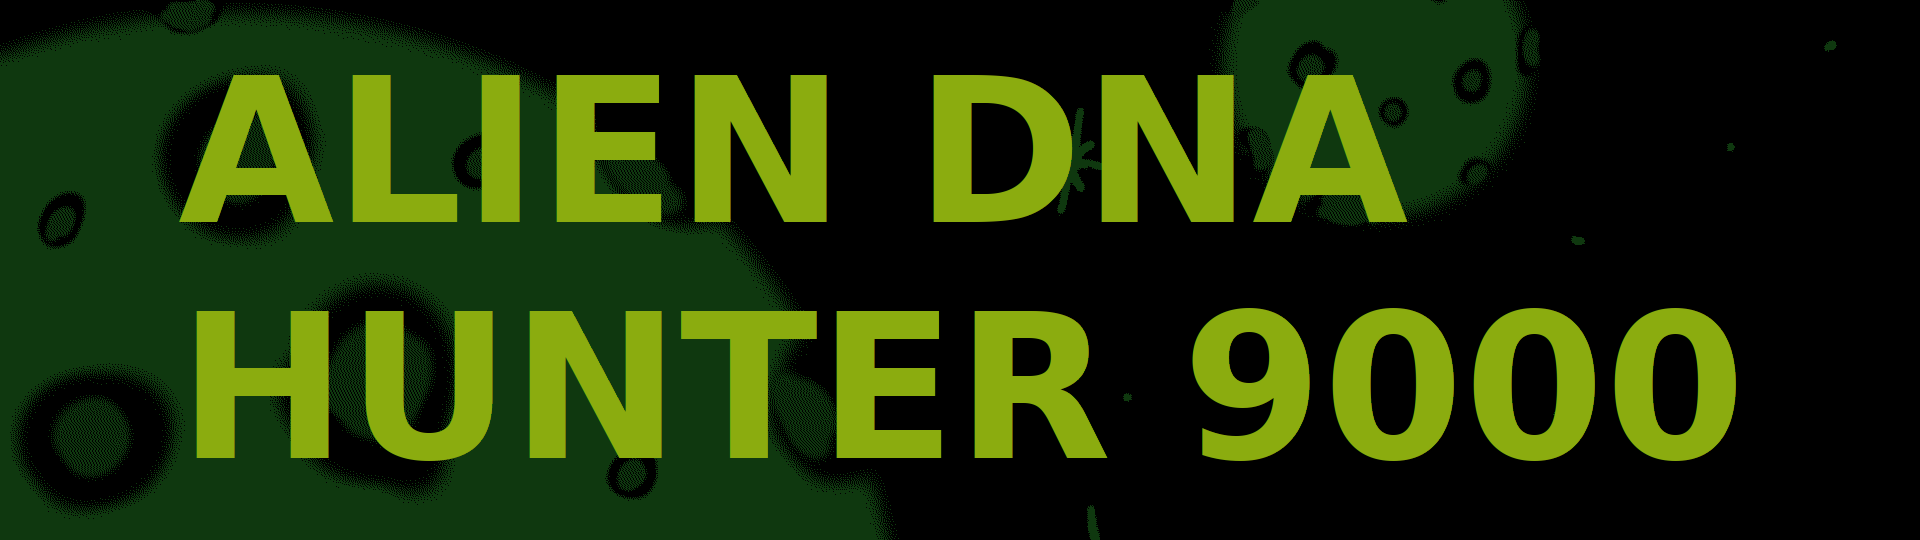 Alien DNA Hunter 9000